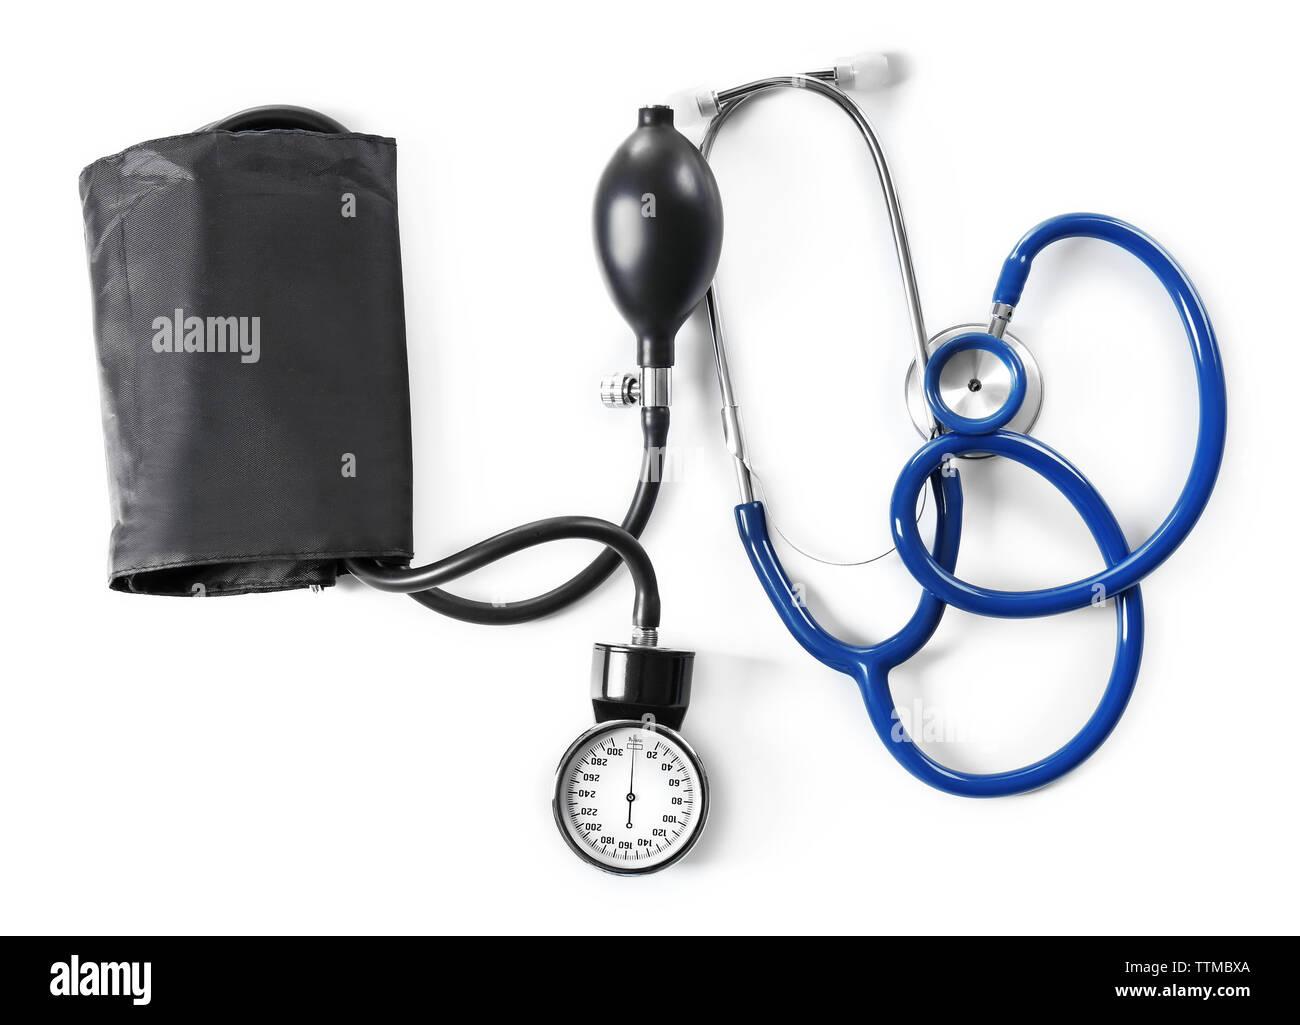 Stethoscope and tonometer, isolated on white - Stock Image